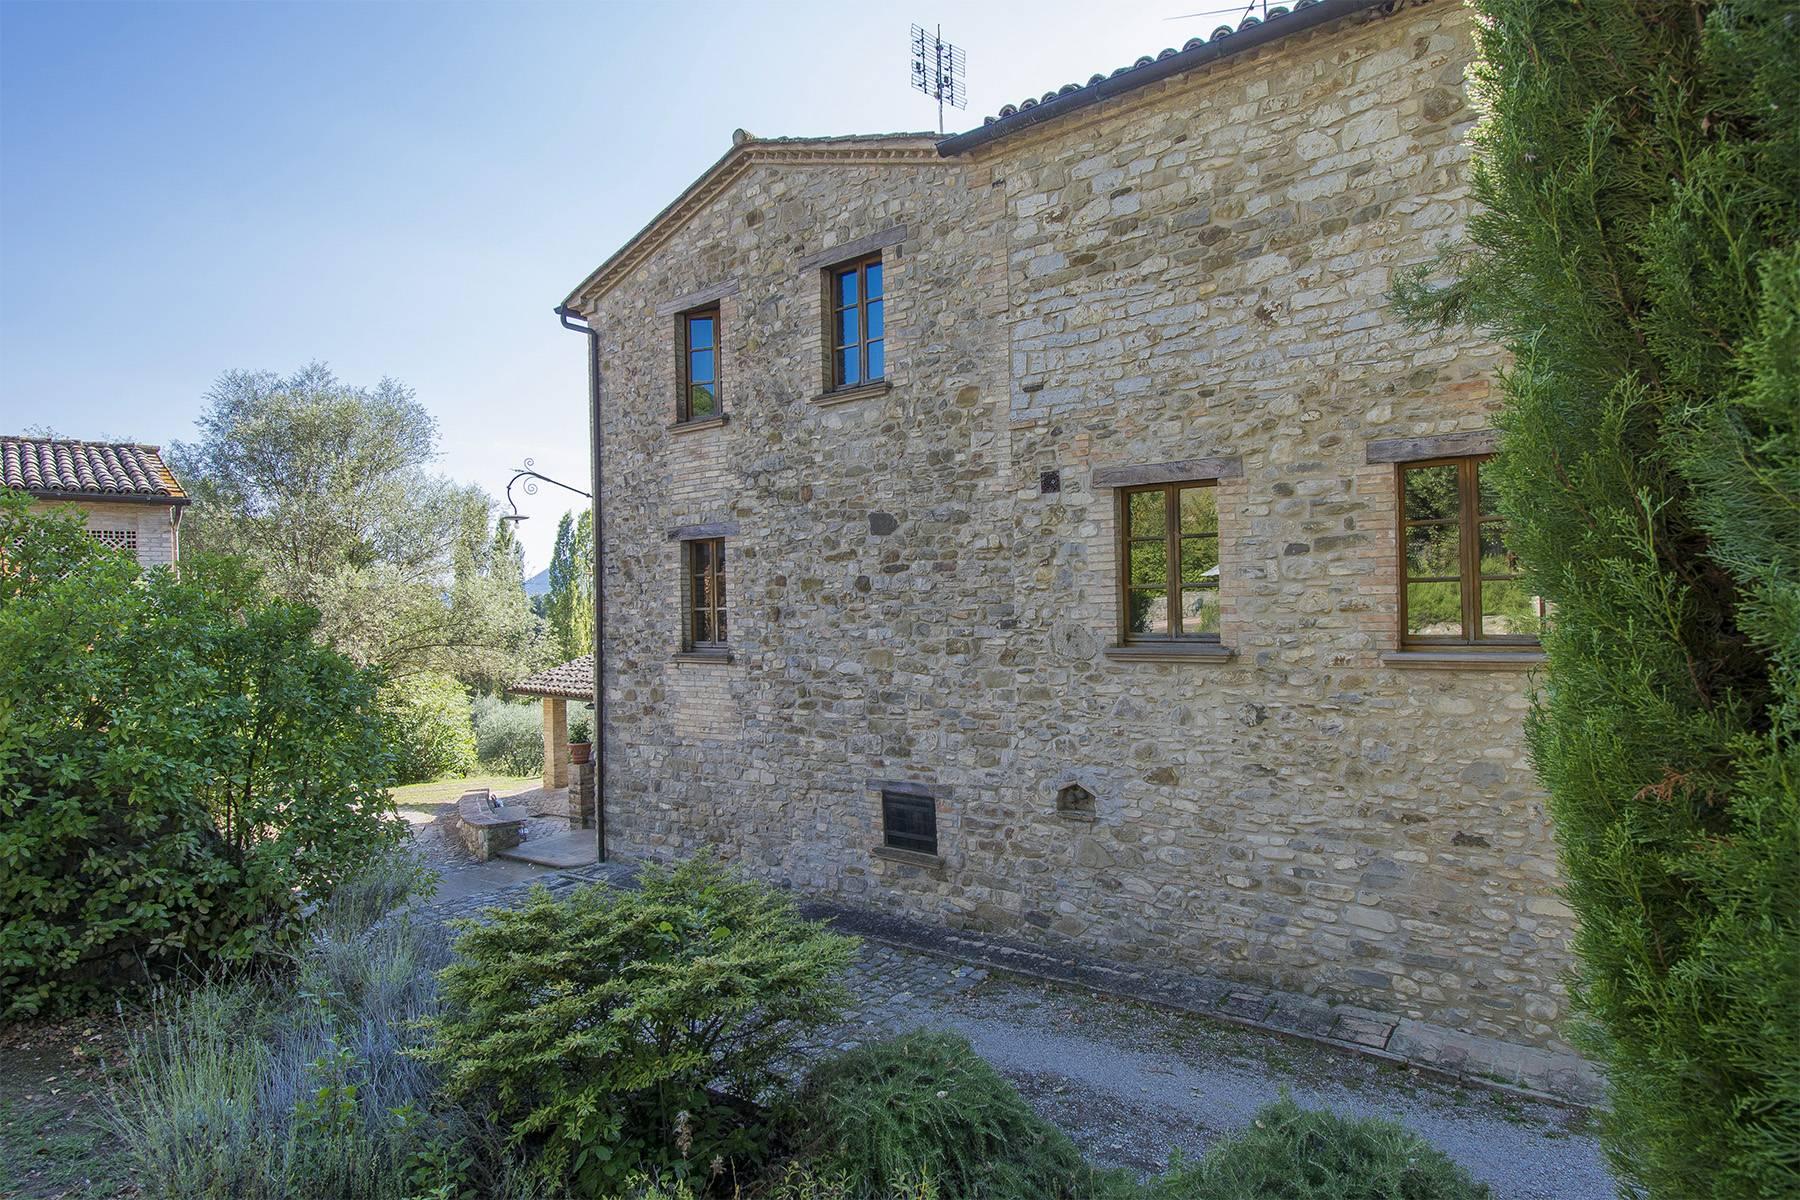 Rustico in Vendita a Montone: 5 locali, 700 mq - Foto 24